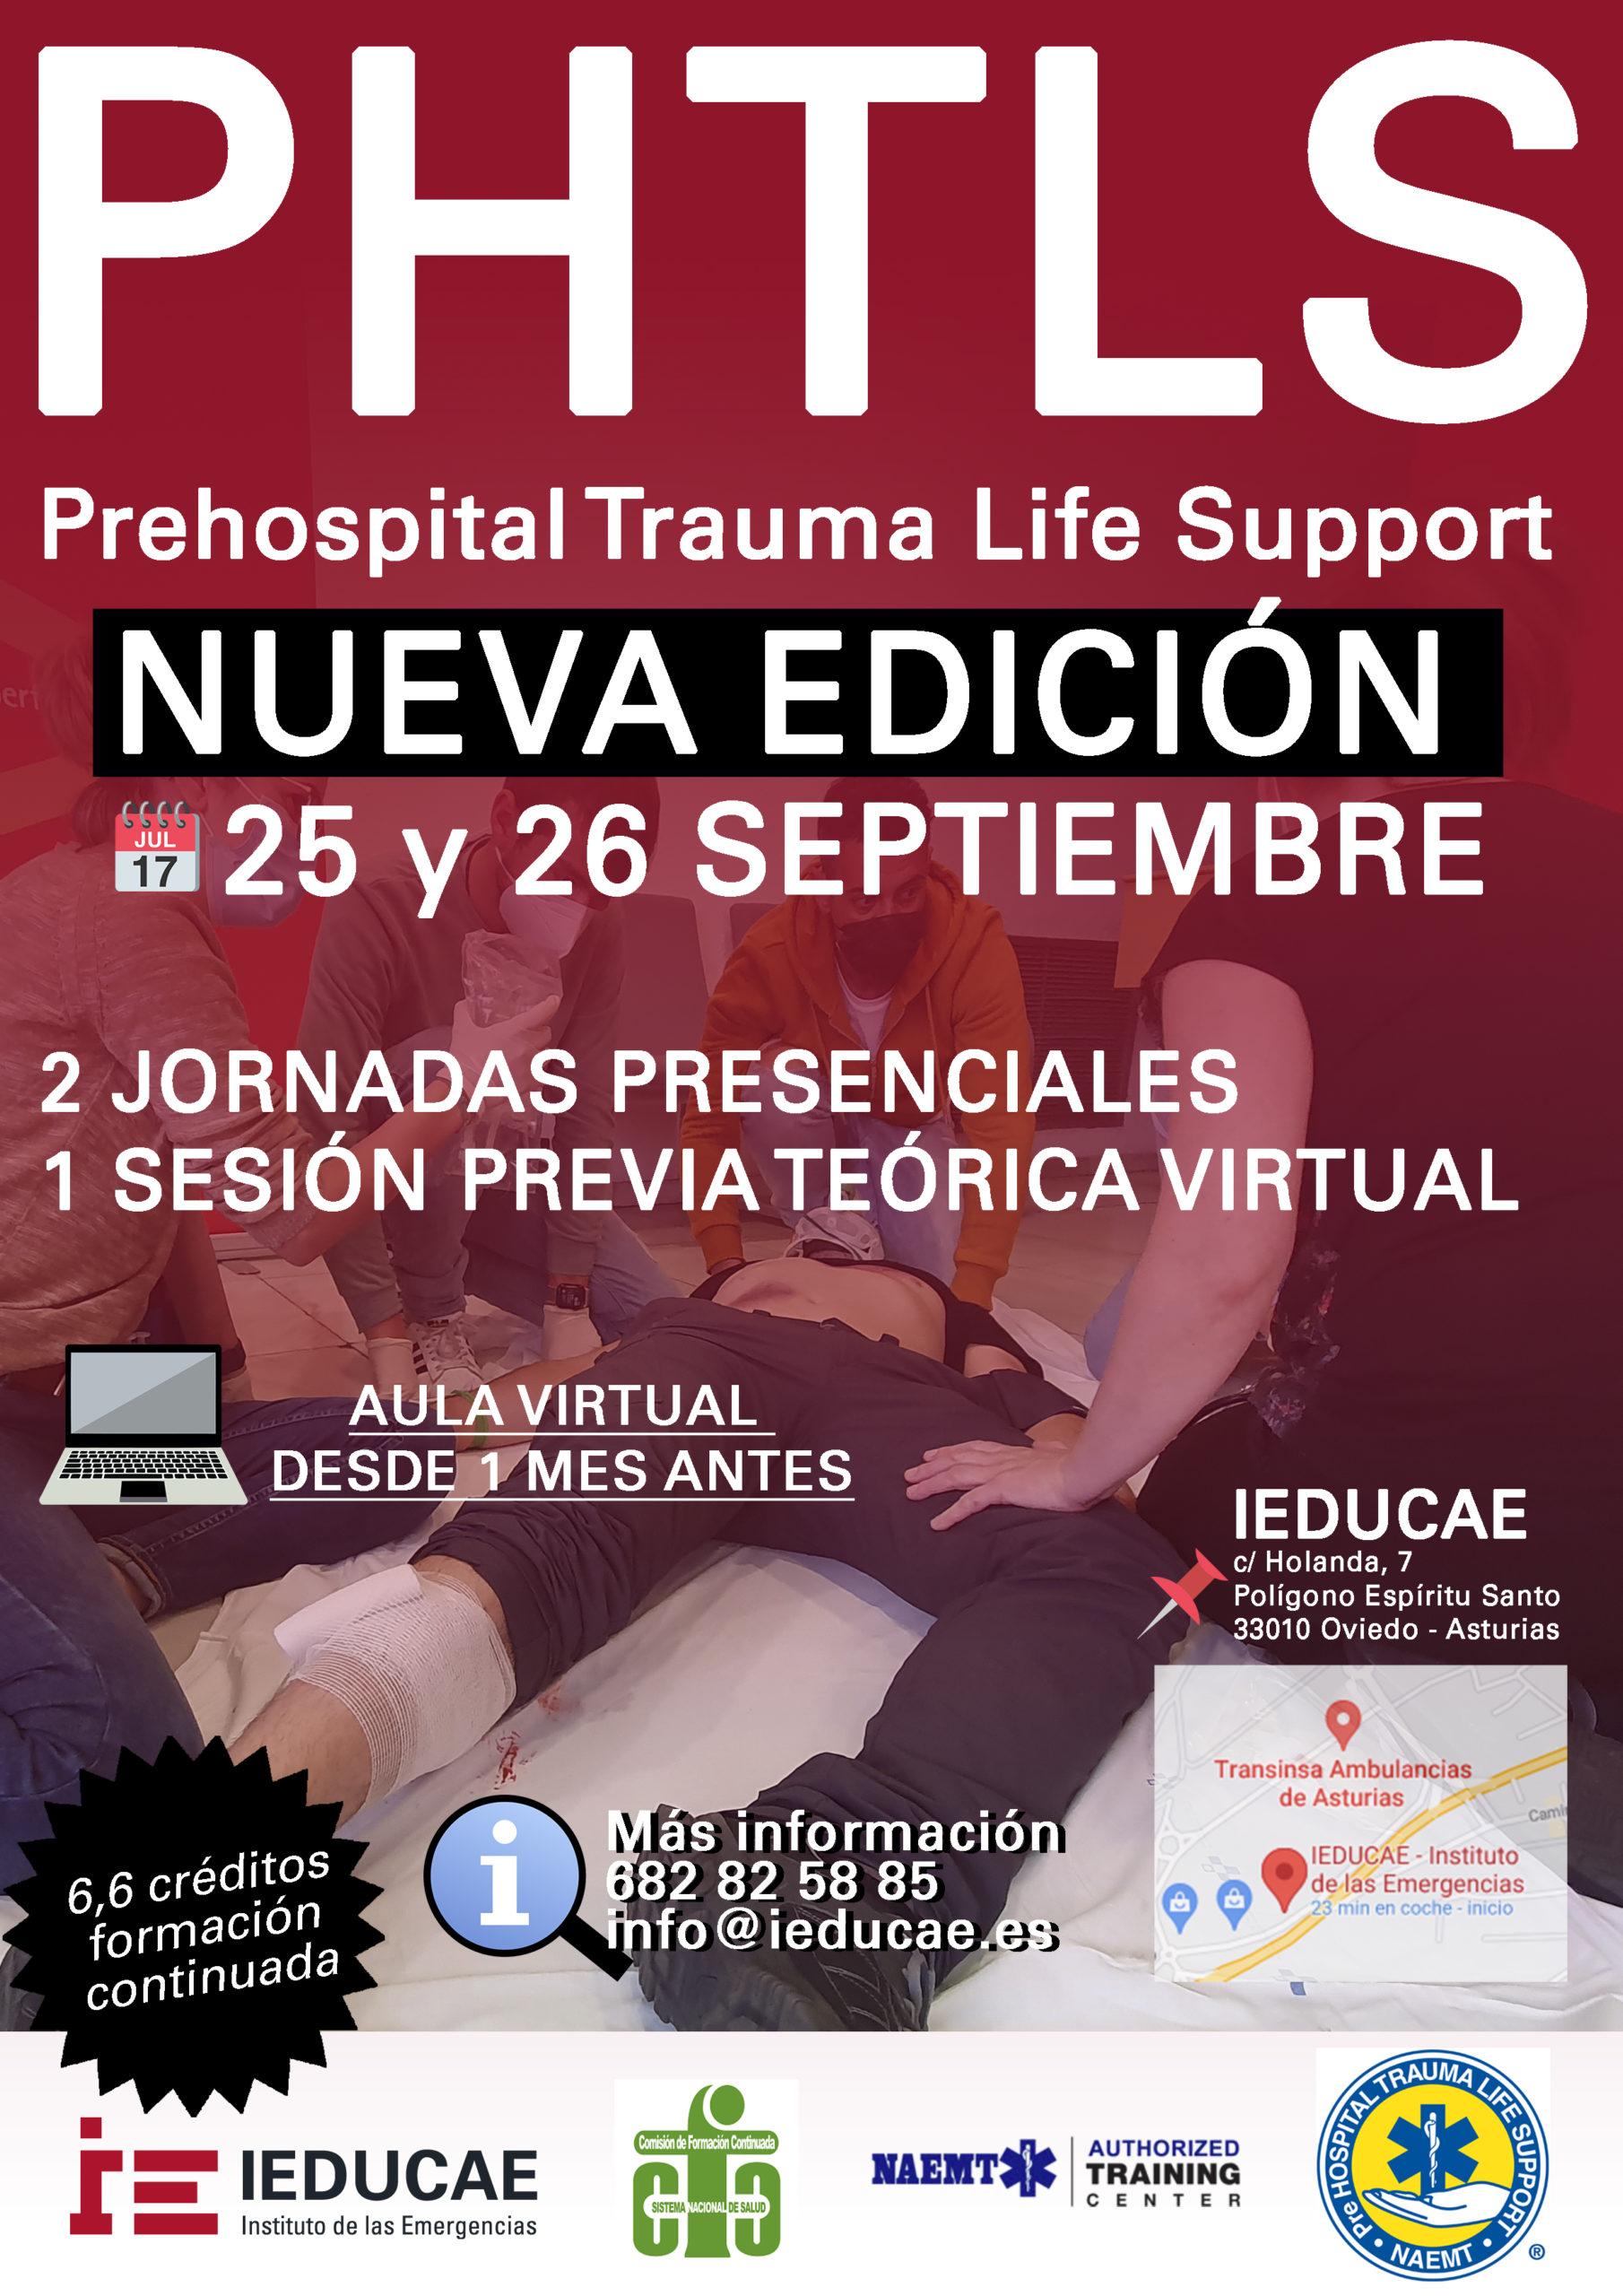 Nuevo curso PHTLS en Septiembre